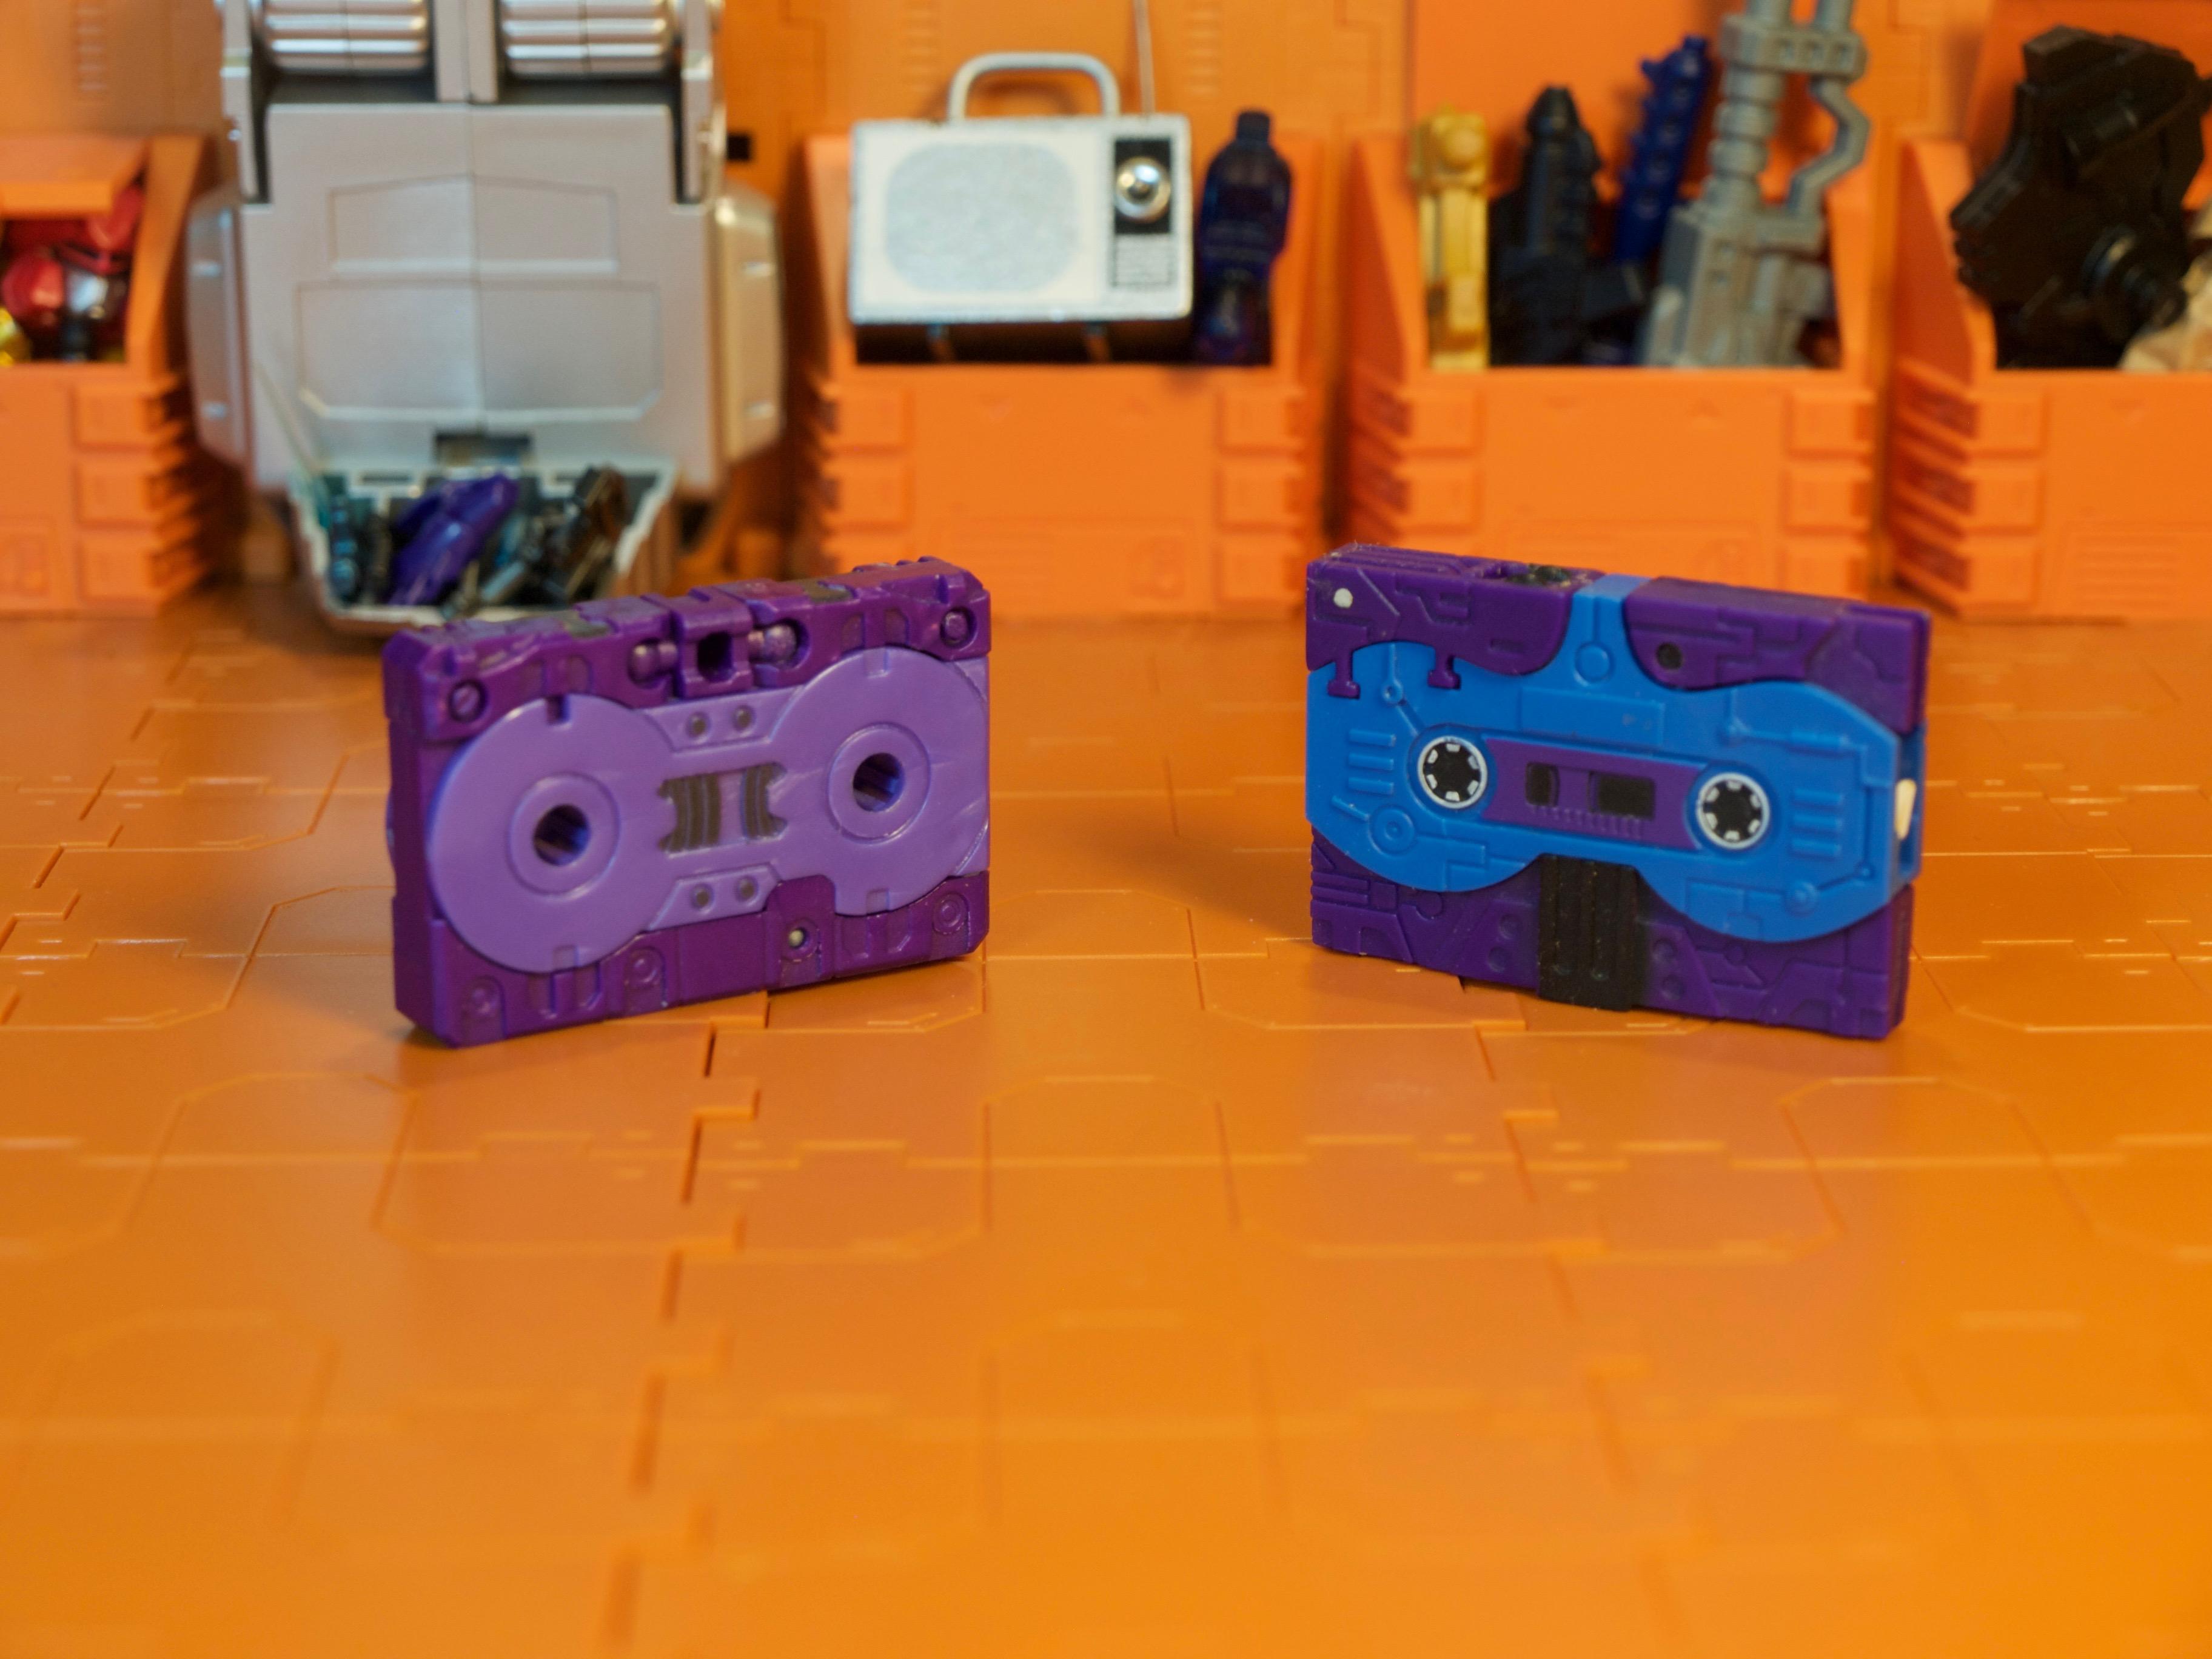 Autoscouts cassette